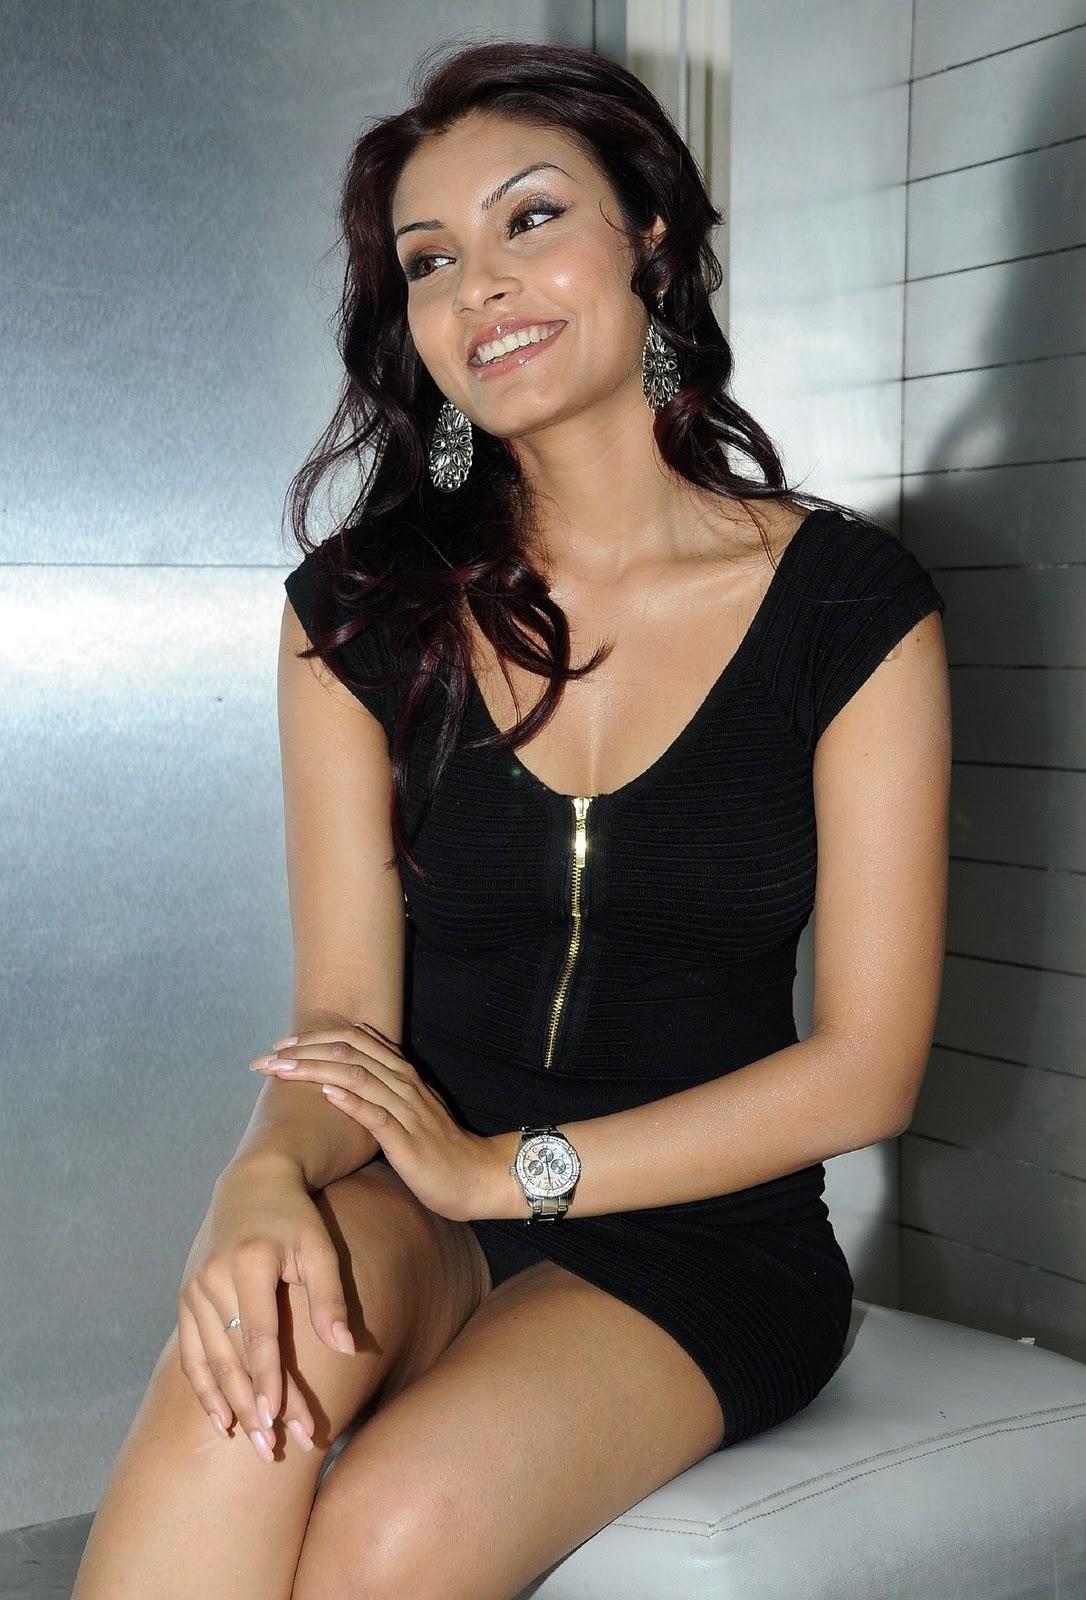 Rkee 4 Media Hot Dubai Model Rehana Photo Gallery Actress Image Gallery-2523